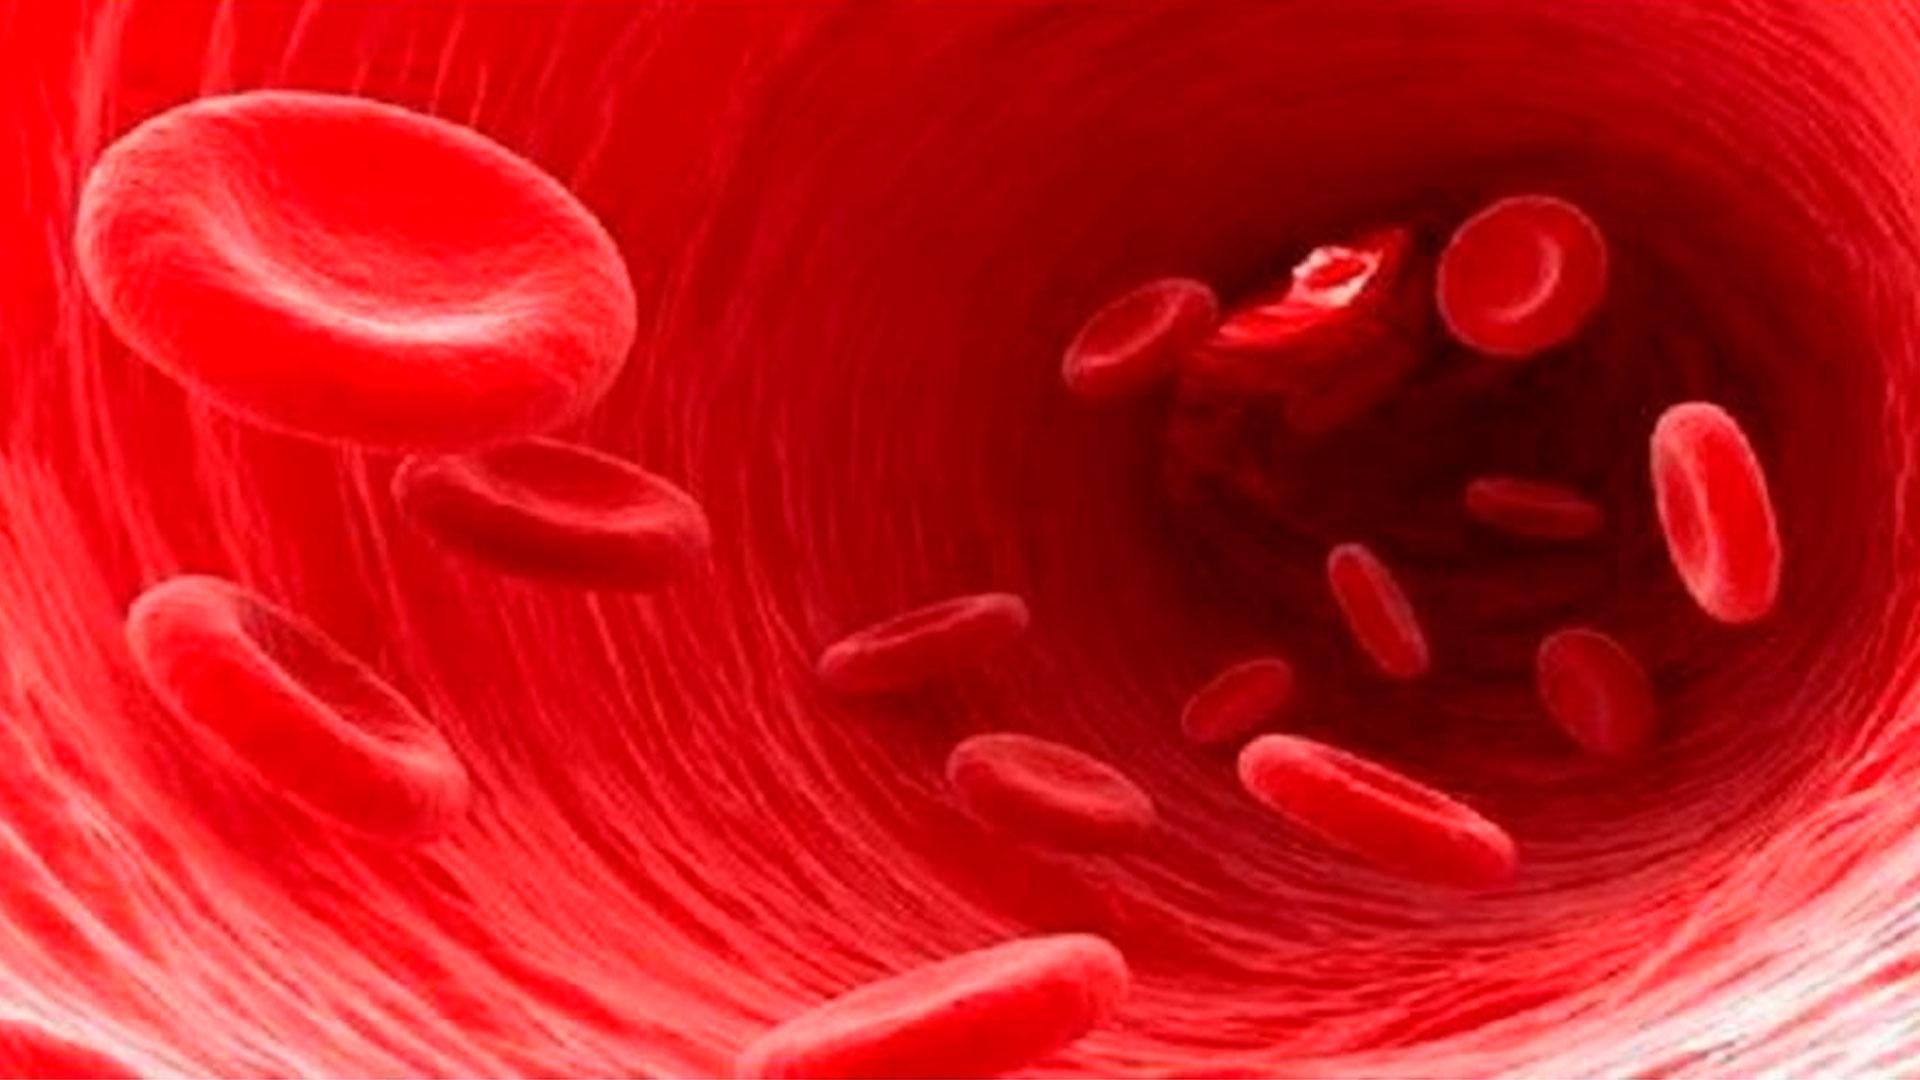 Complicanze vascolari del diabete, diagnosi possibile con esame del sangue